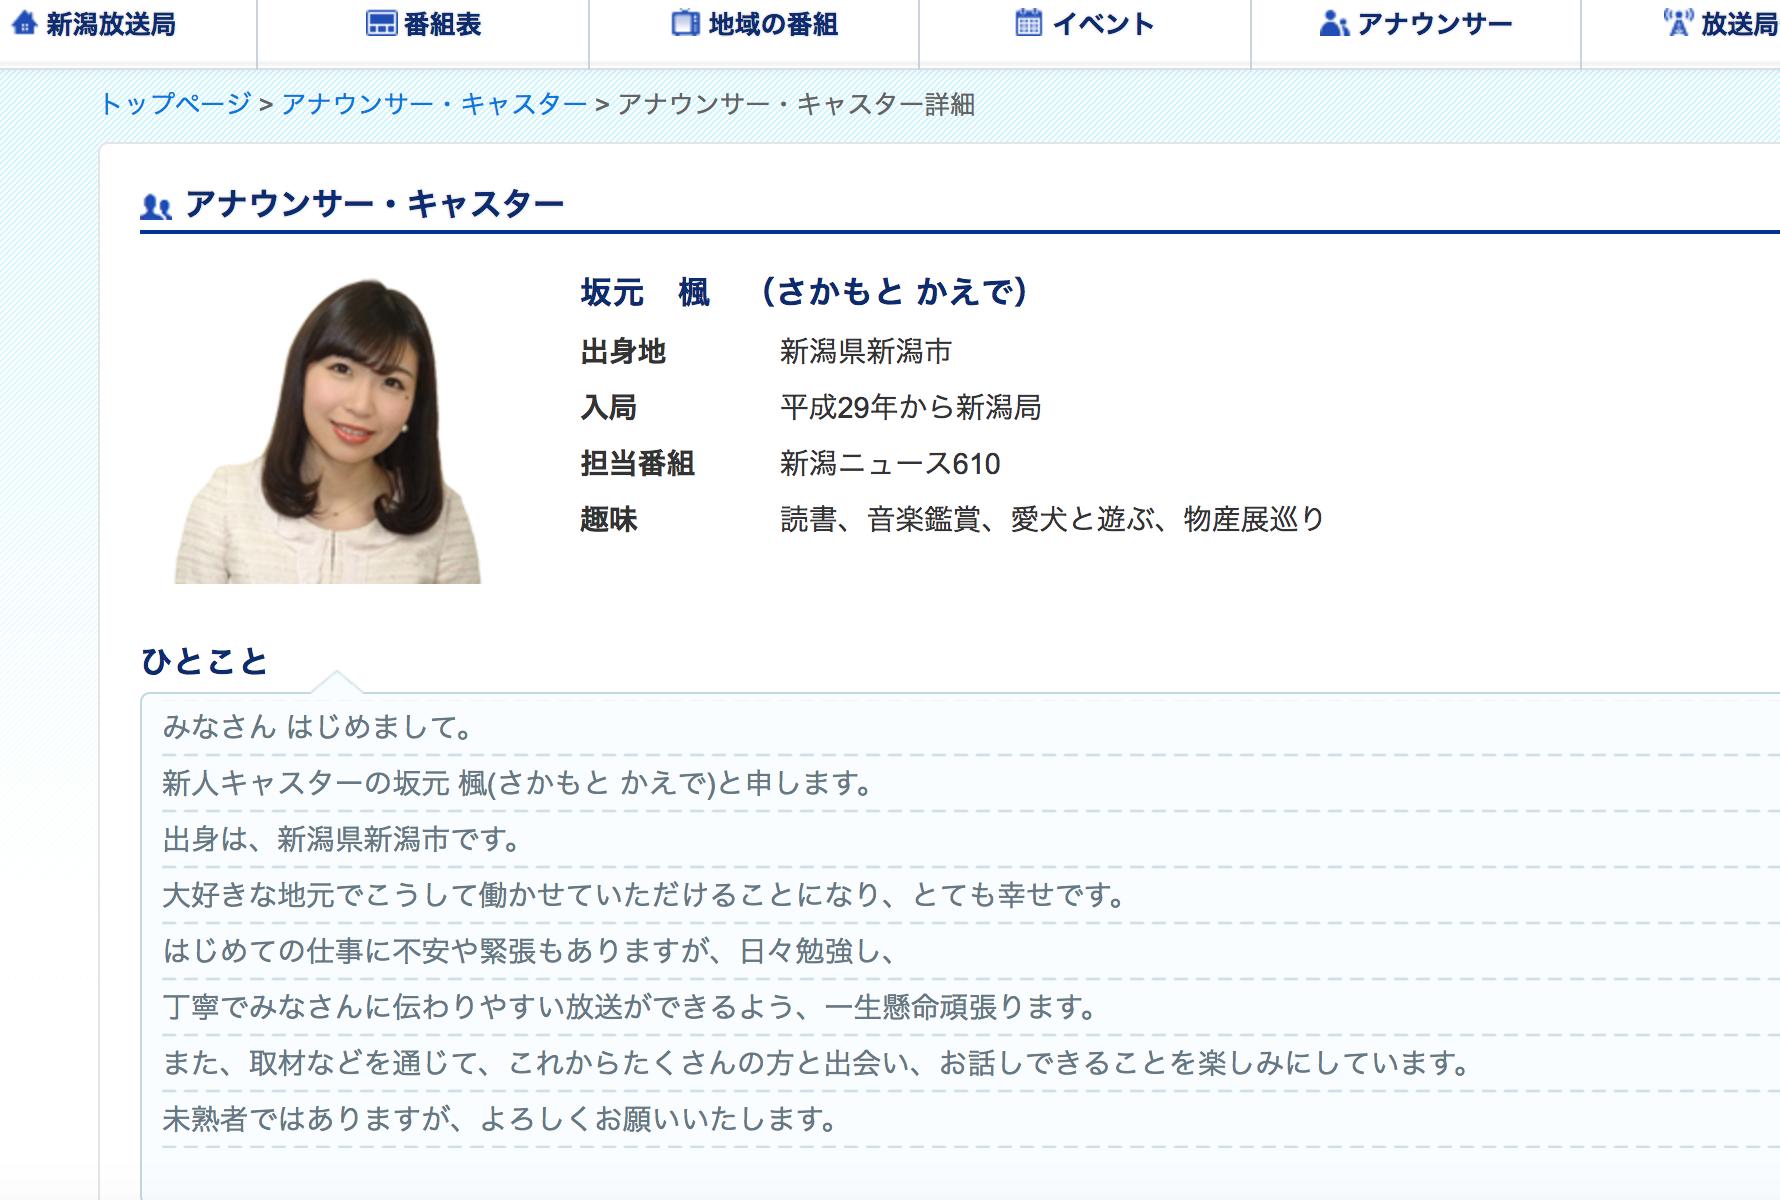 坂元楓さん